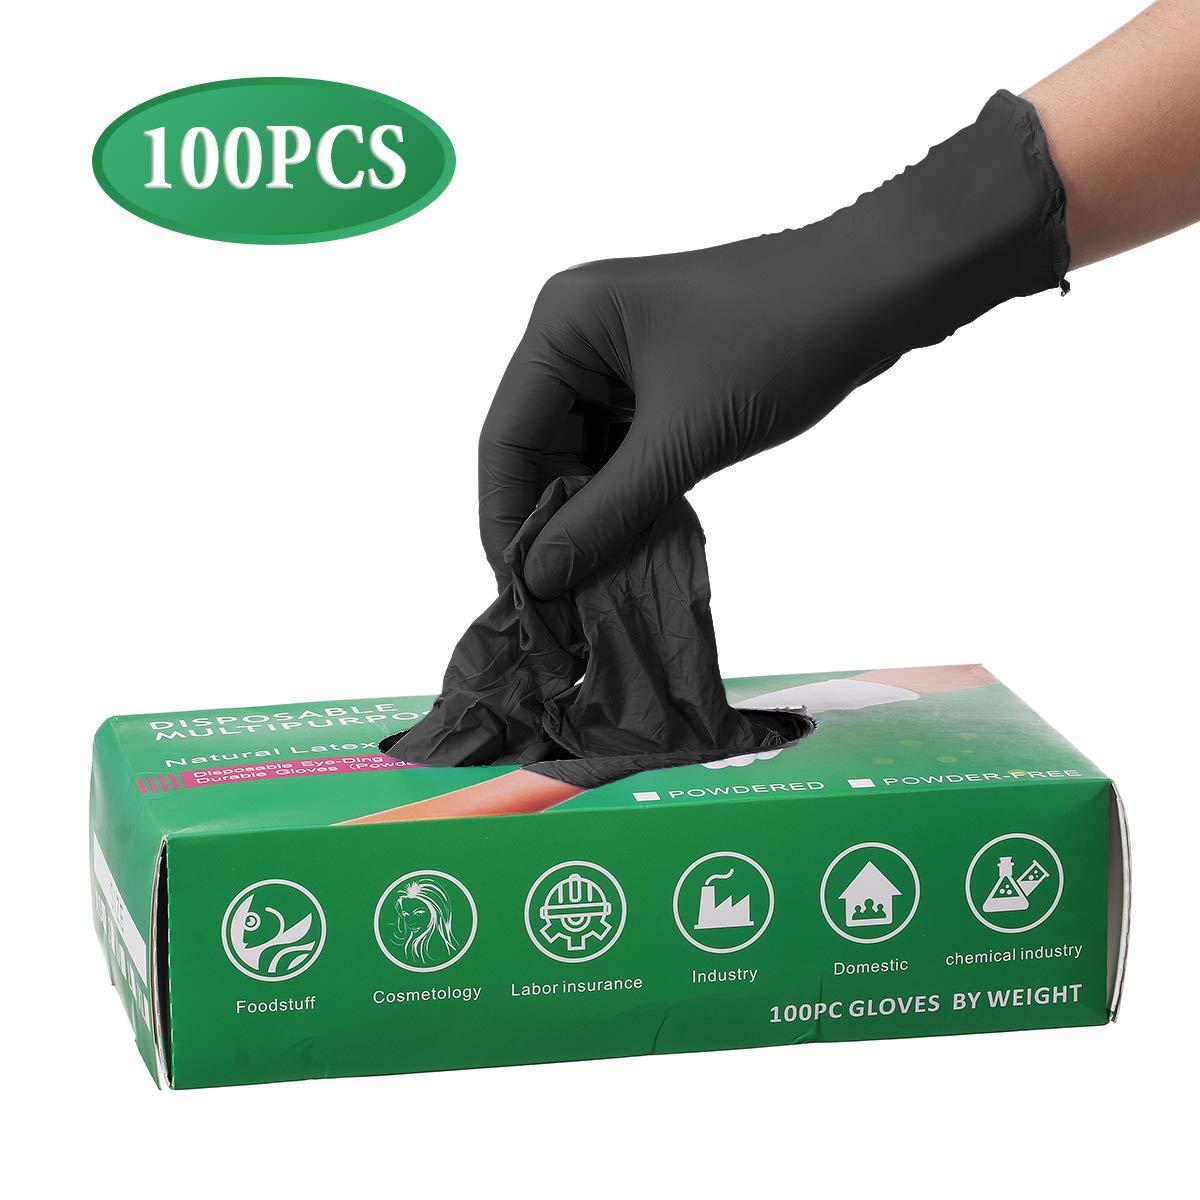 Camfosy Guanti Monouso Nitrile, Guanti Confezioneda100 Senza Polvere Lattice Ristorante per Fai da Te Cucina Casa Neri - Taglia S M L XL